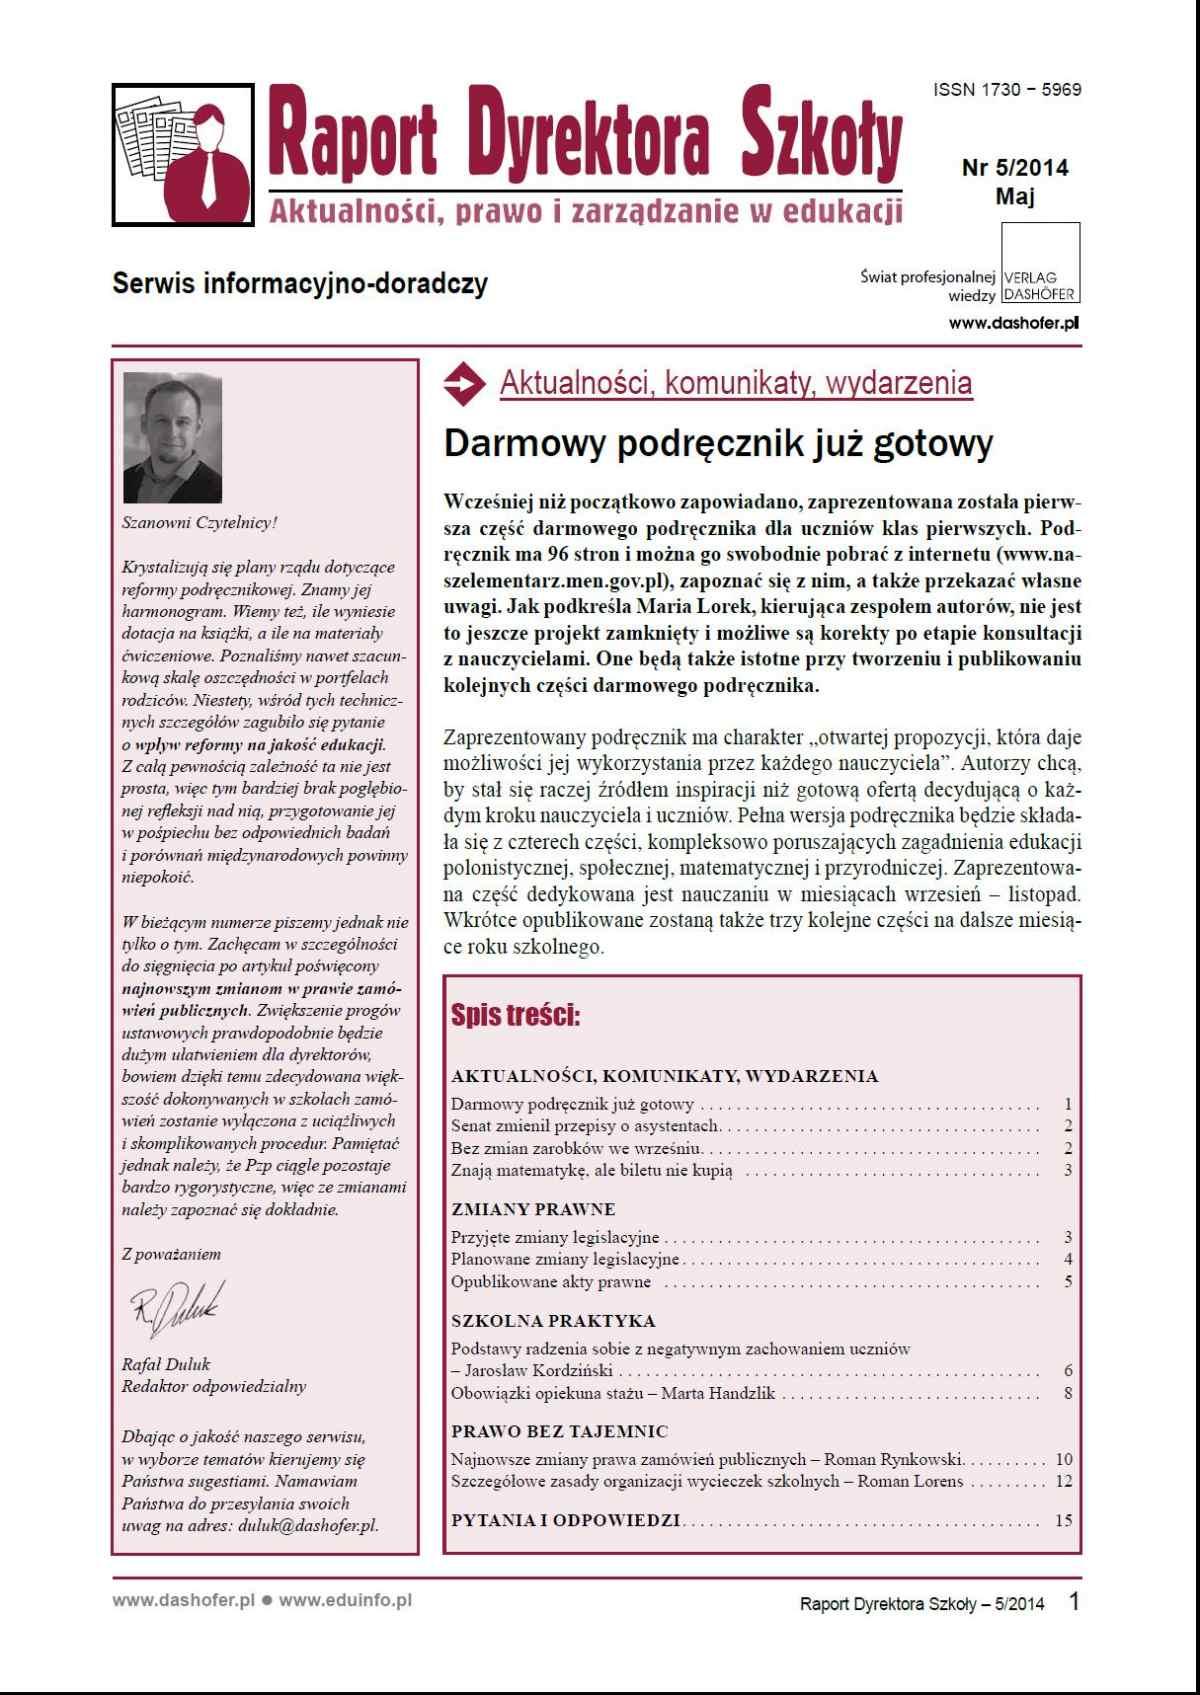 Raport Dyrektora Szkoły. Aktualności, prawo i zarządzanie w edukacji. Nr 5/2014 - Ebook (Książka PDF) do pobrania w formacie PDF